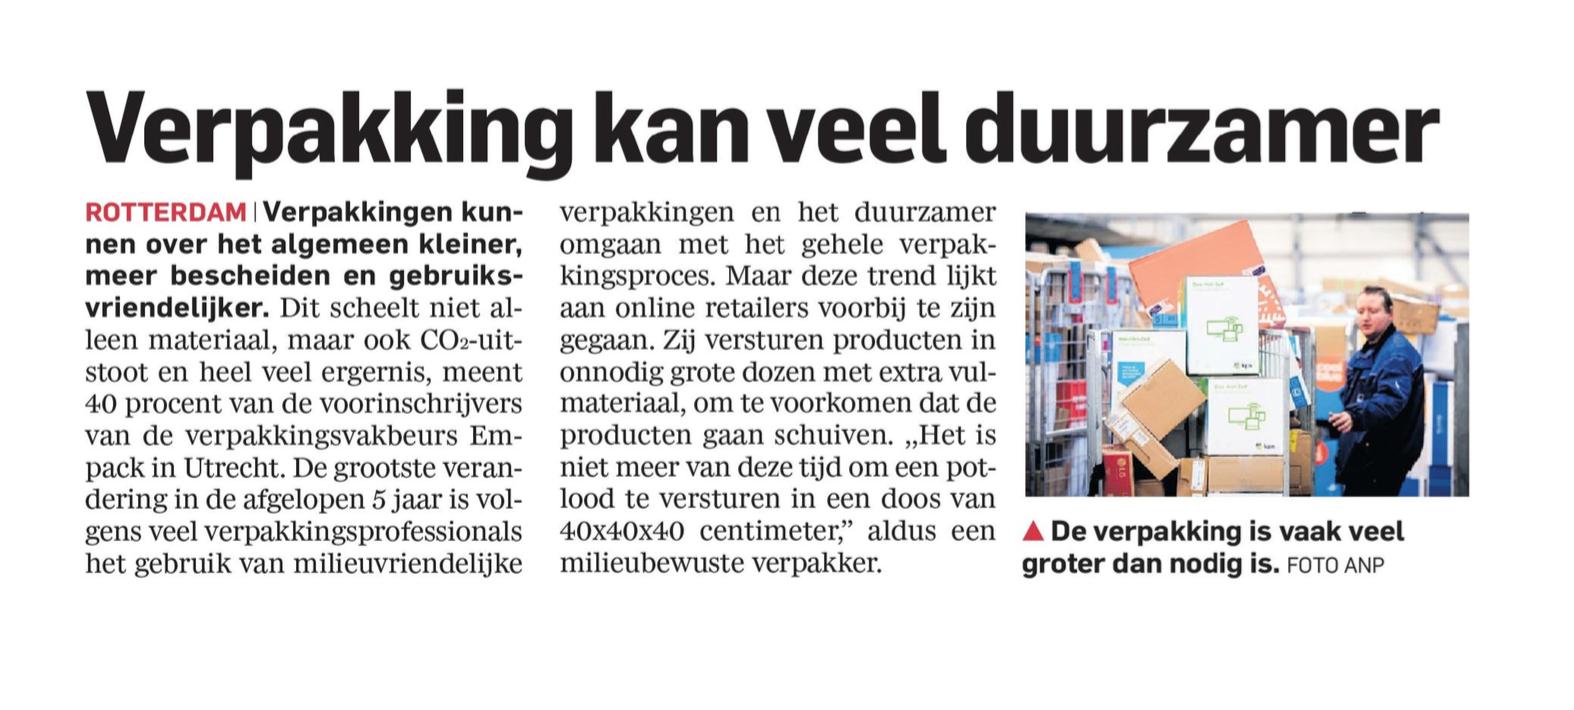 Empack article in Algemeen Dagblad